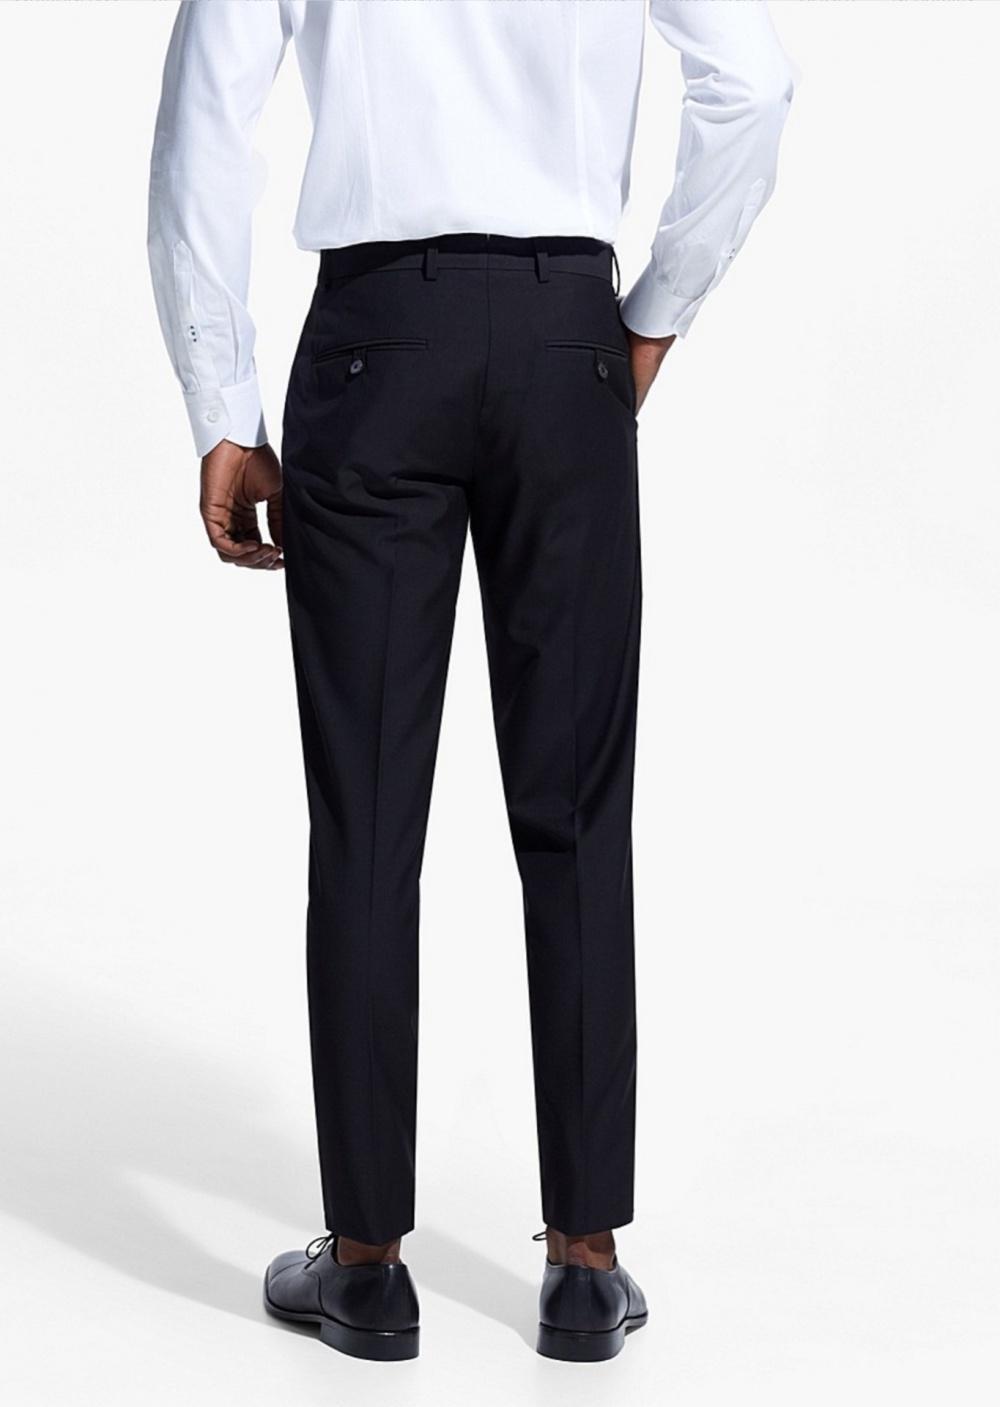 Классические черные мужские брюки, молодежный стиль, H.E. by Mango Man, на рос. 48/EUR 44 р, б/у 1раз